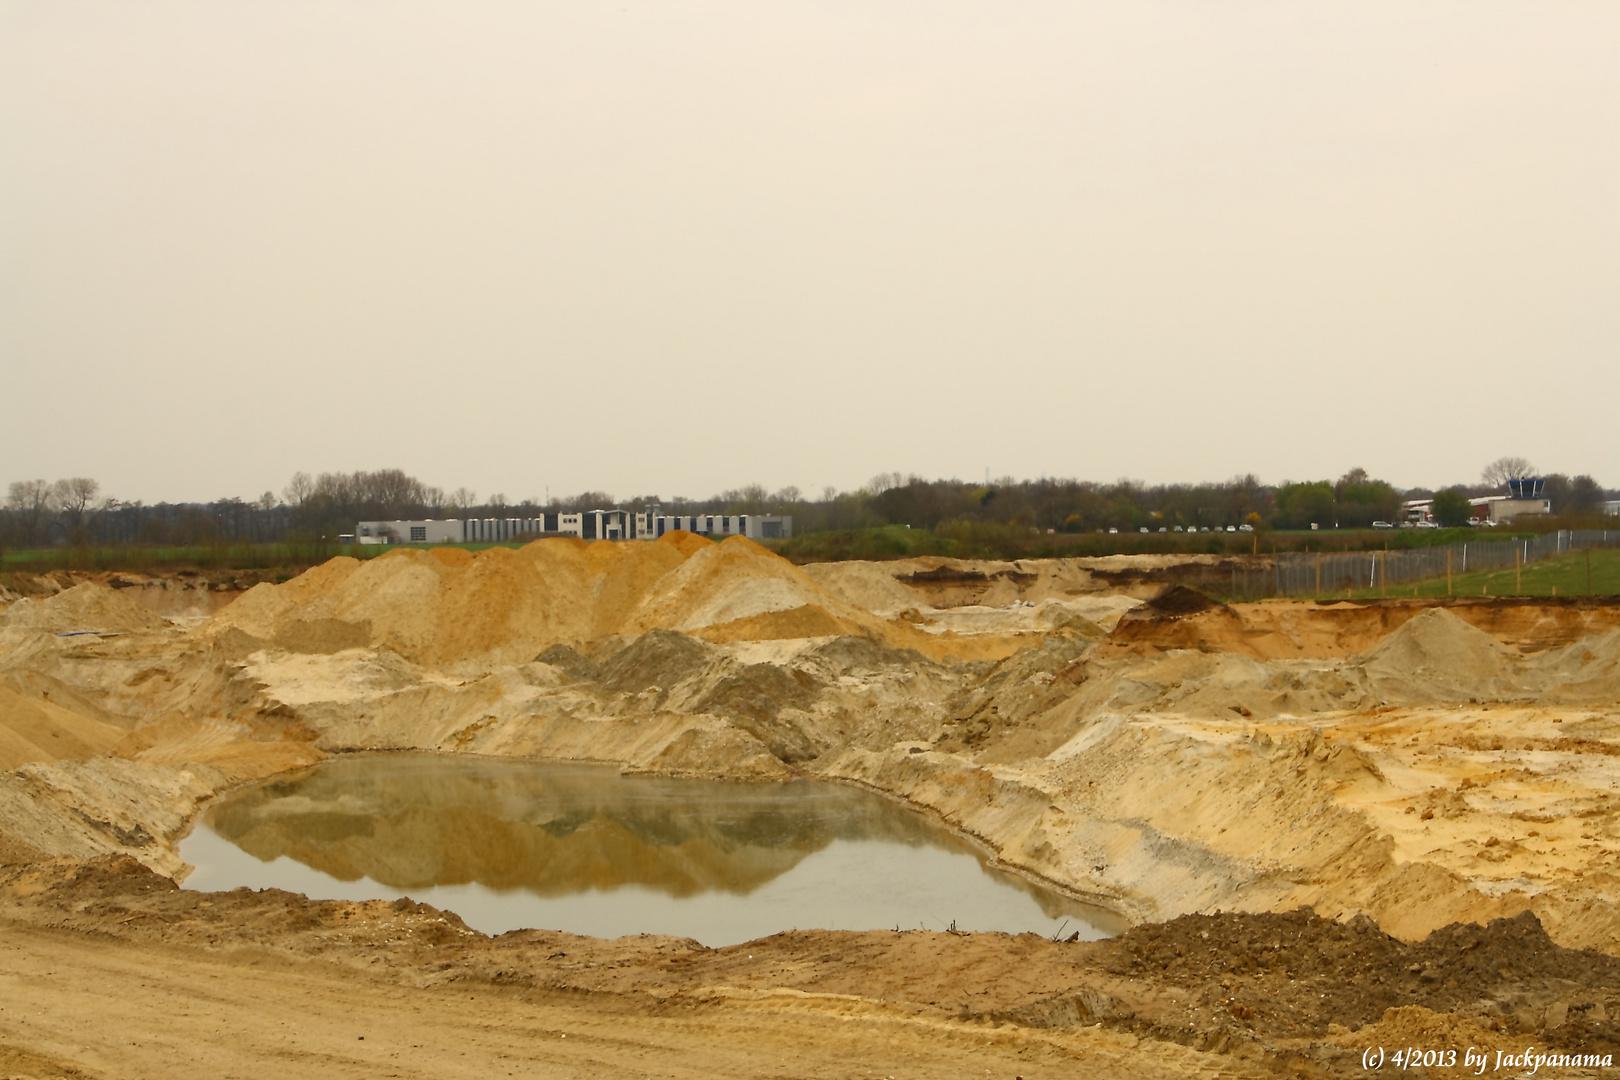 Sandgewinnung im Tagebau direkt am Flugplatz Schwarze Heide in Kirchhellen